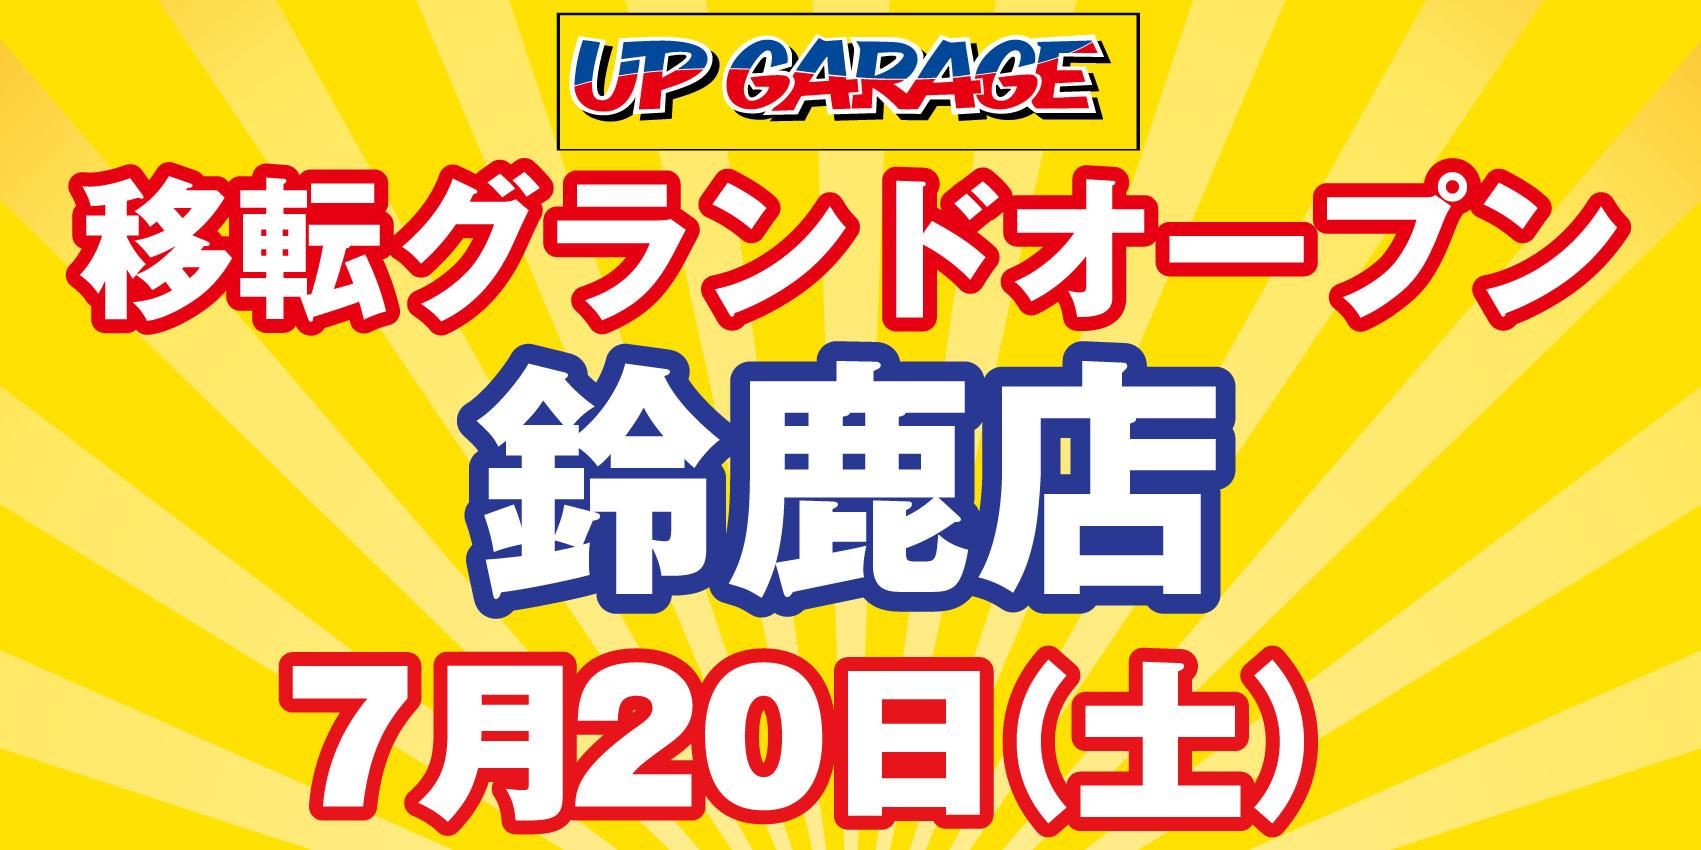 7月20日(土)鈴鹿移店移転グランドオープン